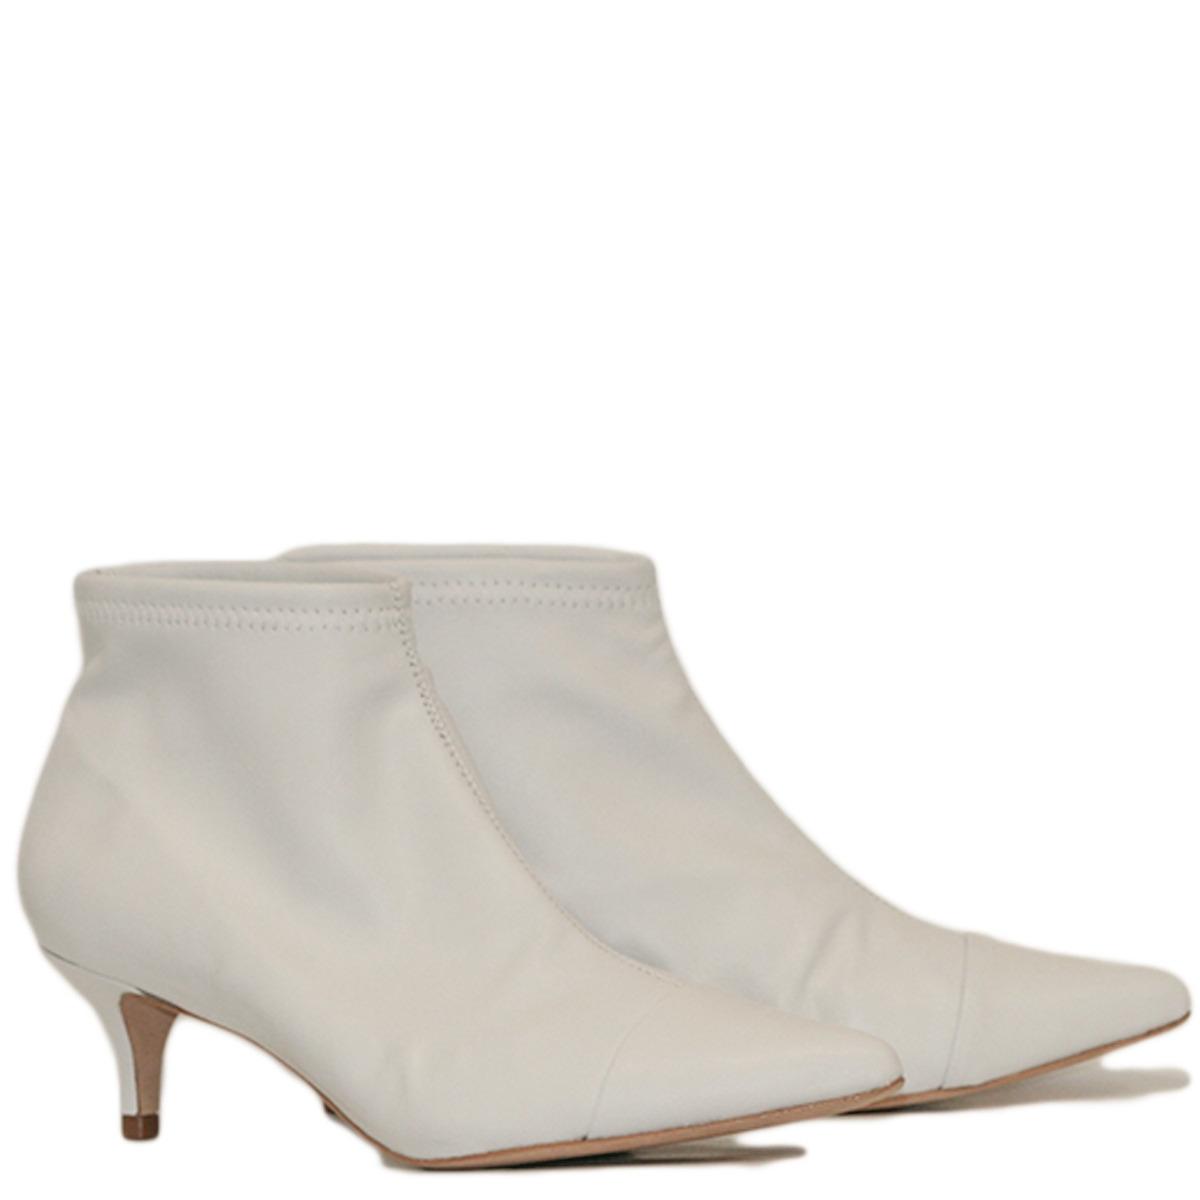 d4204146aa bota schutz kitten heels branco. Carregando zoom.